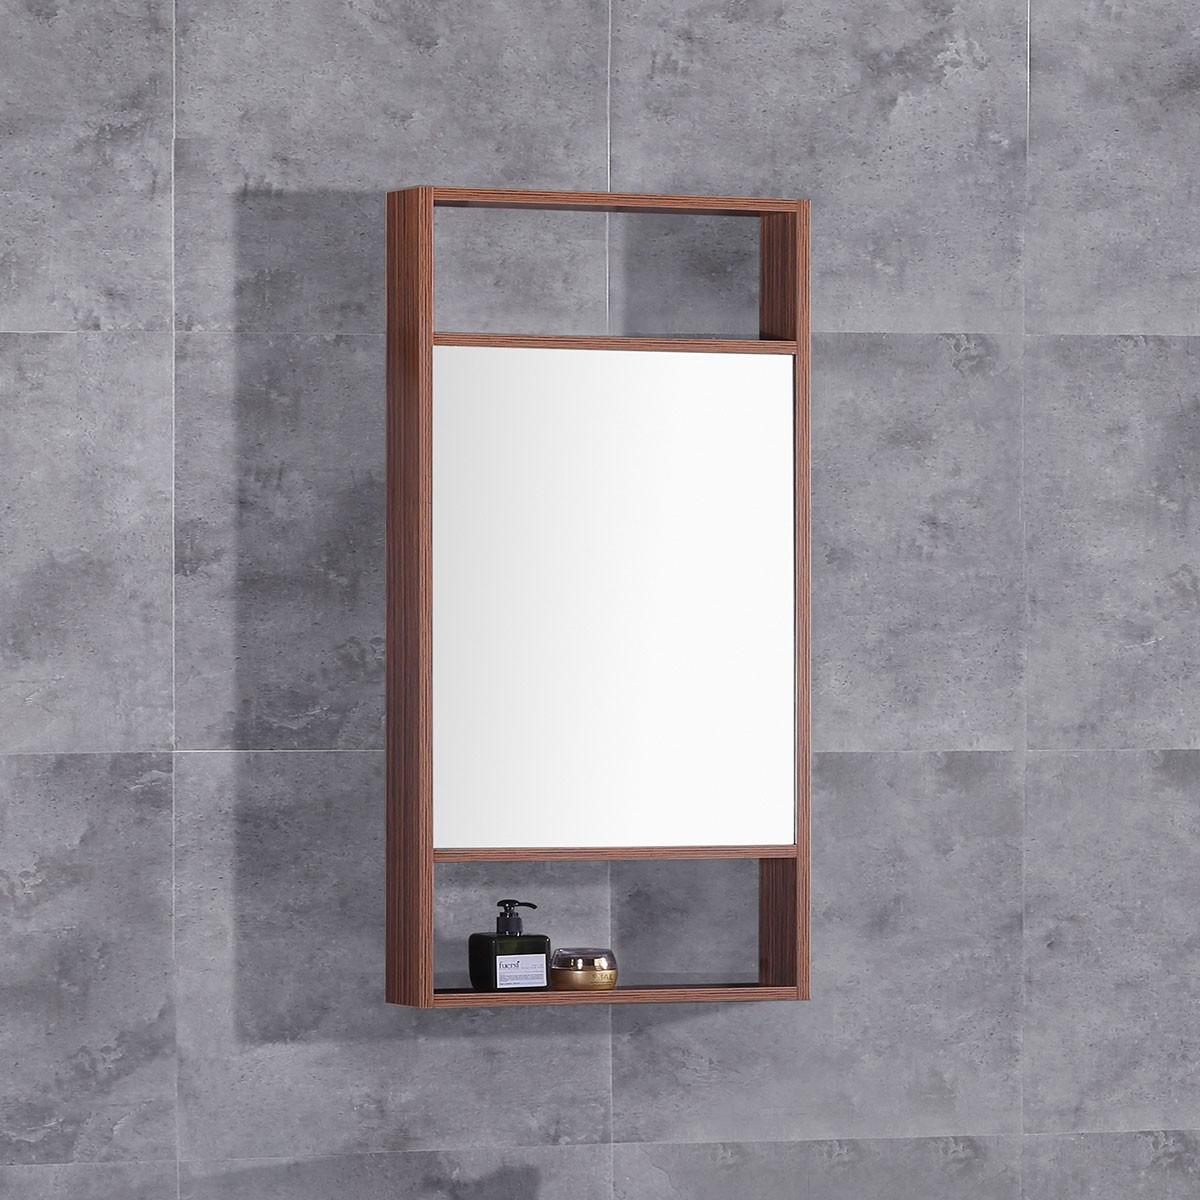 20 x 28 po Miroir pour vanité avec cadre en bois (DK-TH21302B-M)